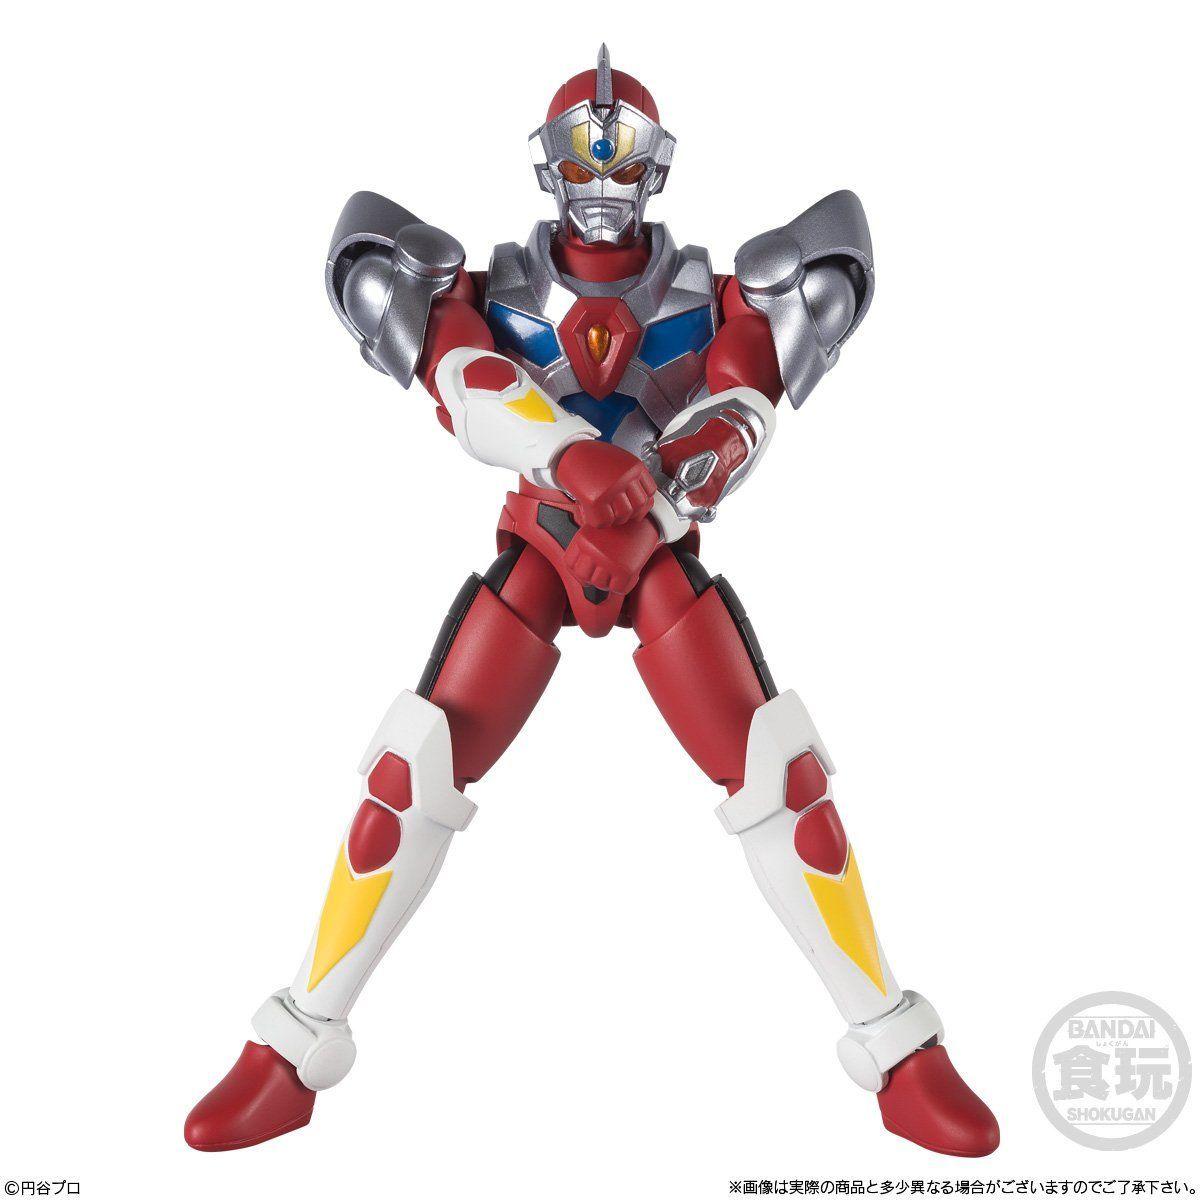 スーパーミニプラ『電光超人グリッドマン』4個入 BOX-008